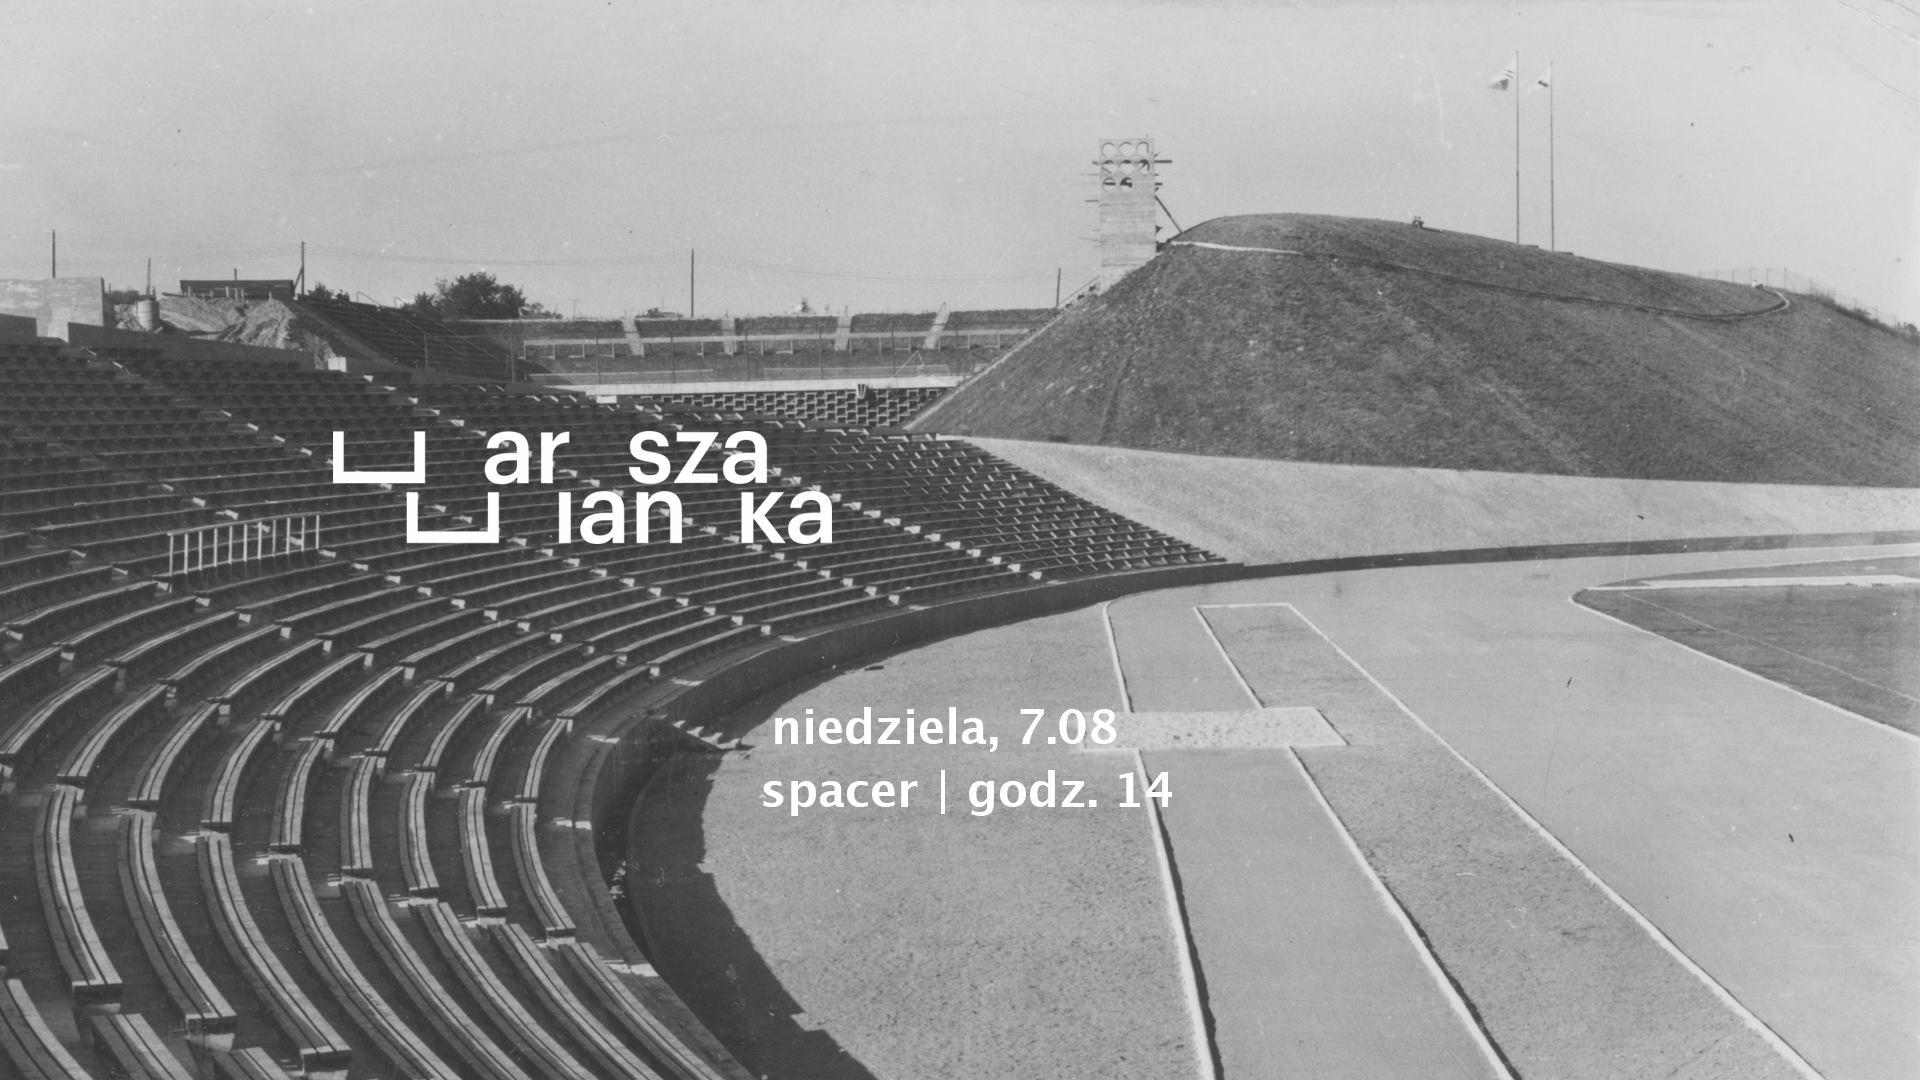 KS Warszawianka (źródło: materiały prasowe organizatora)